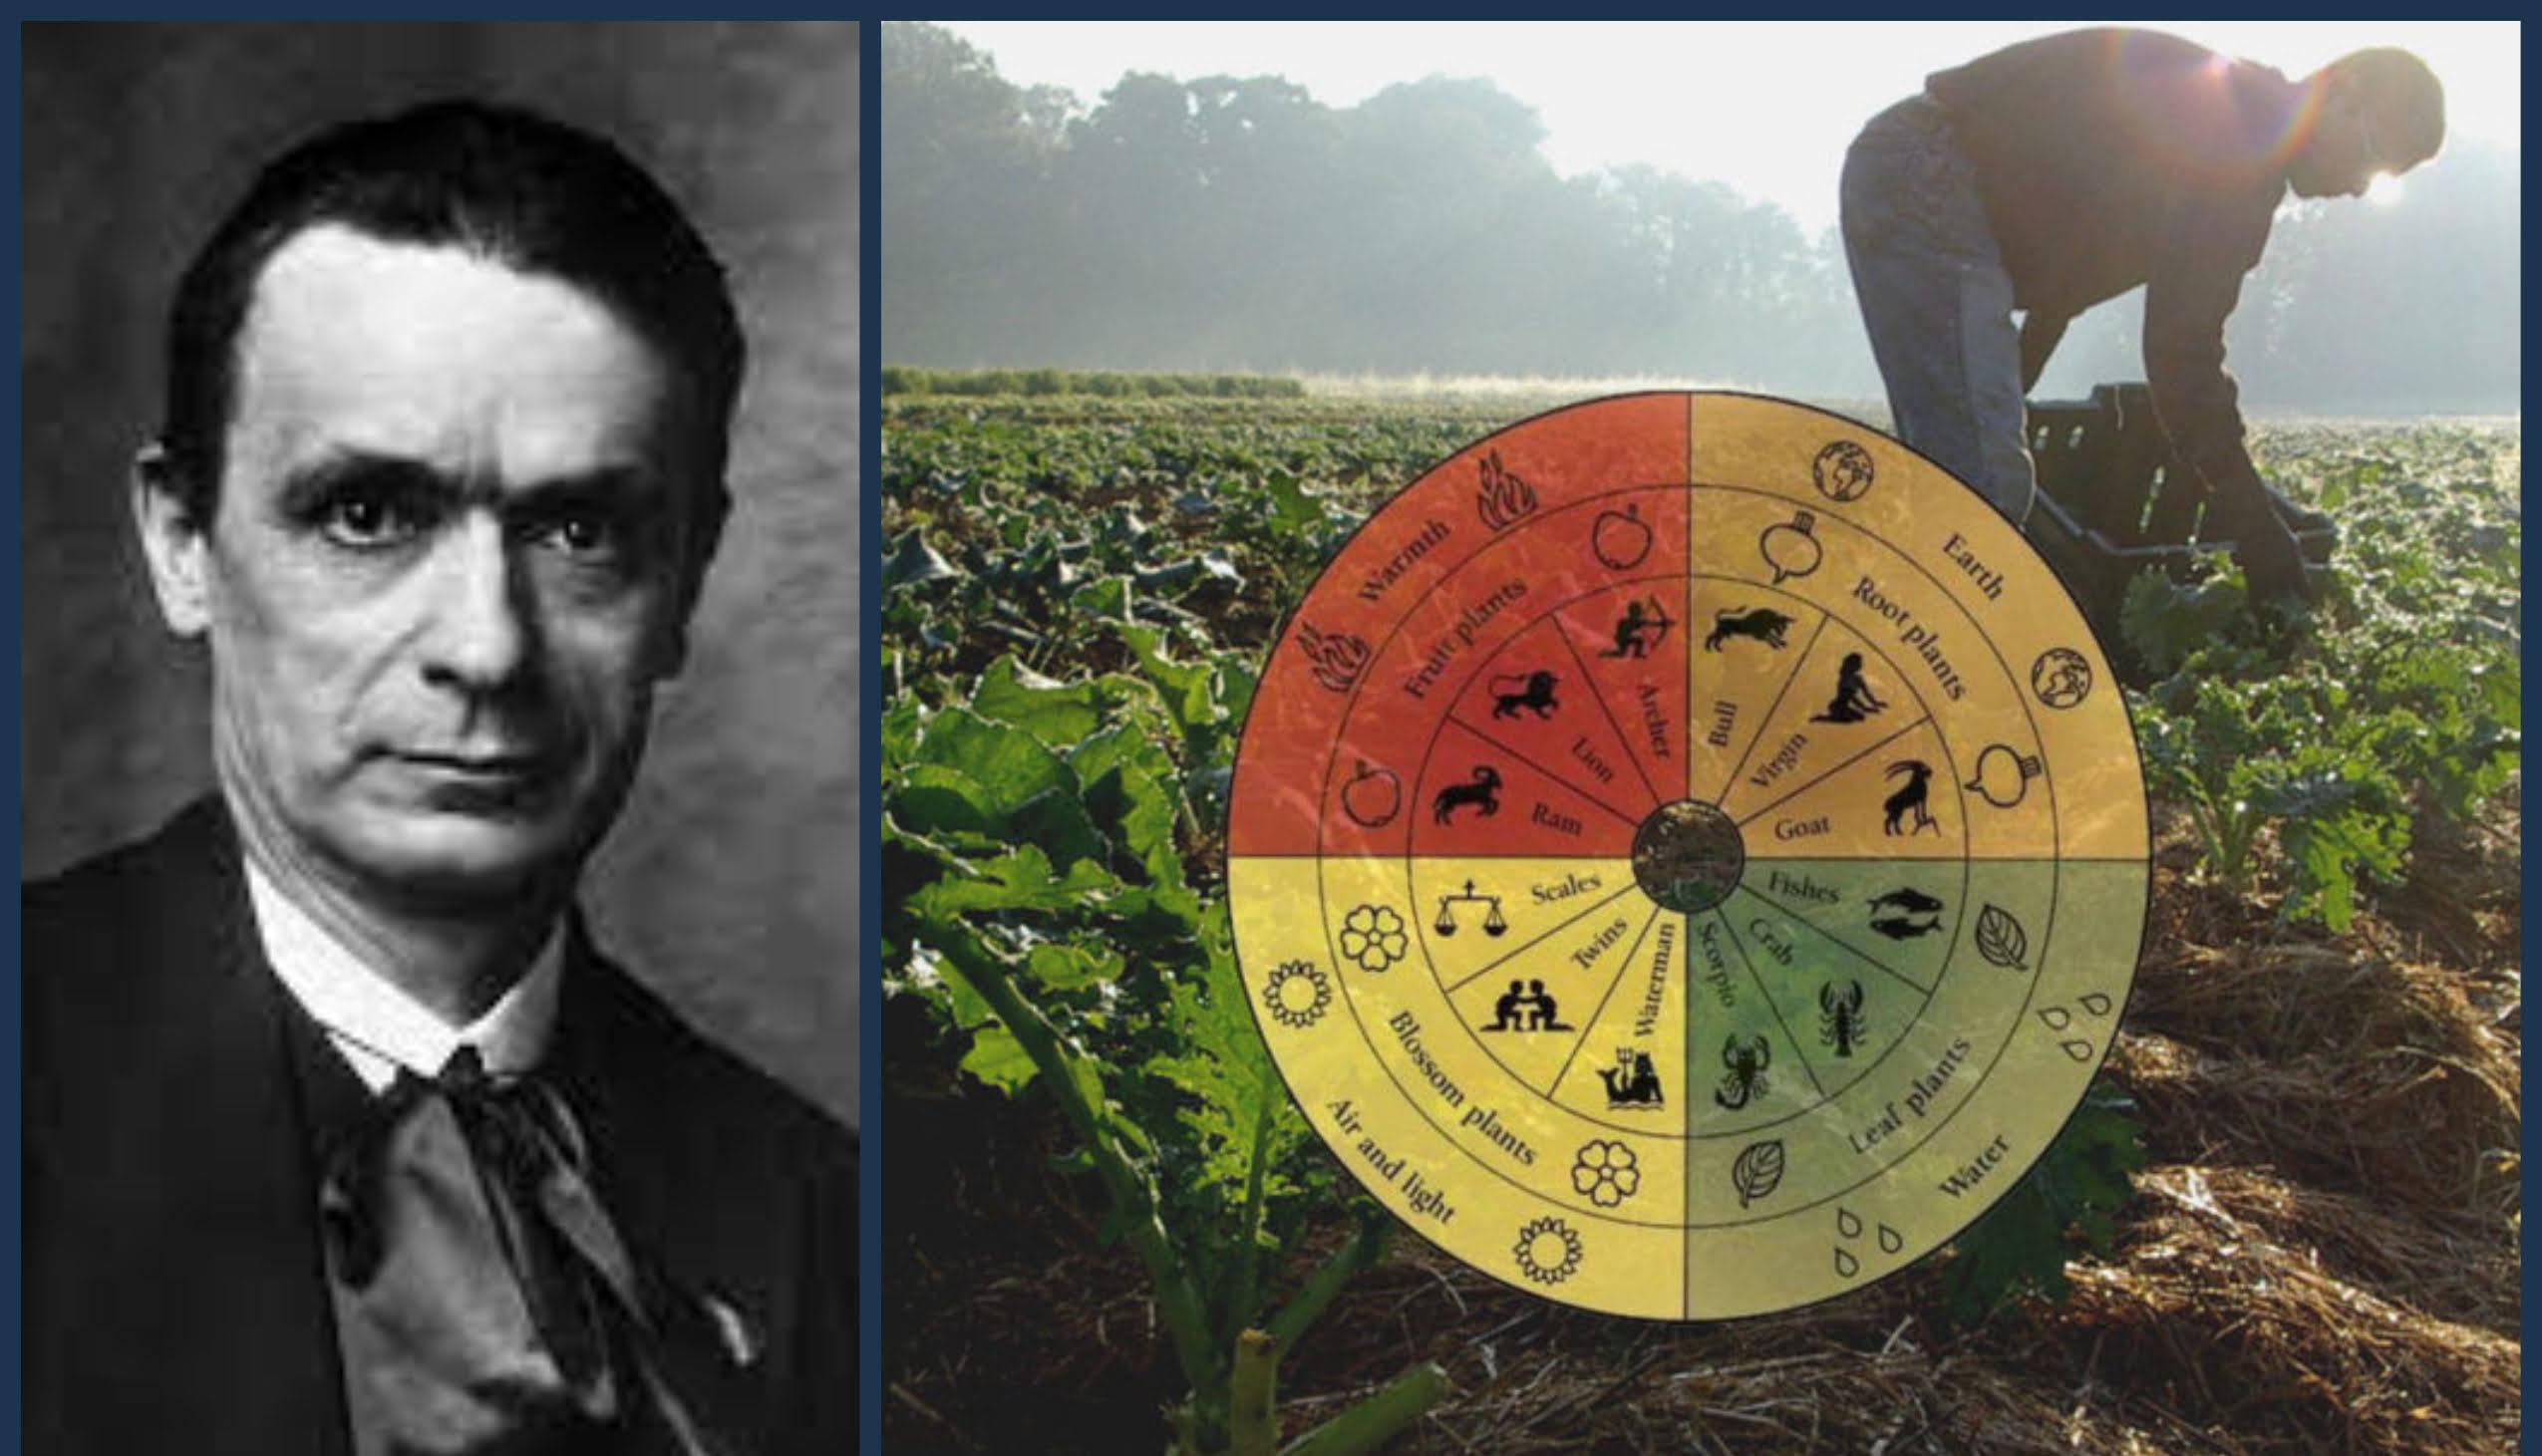 Rudolf Steiner and his fundamental approach to bio-dynamic farming